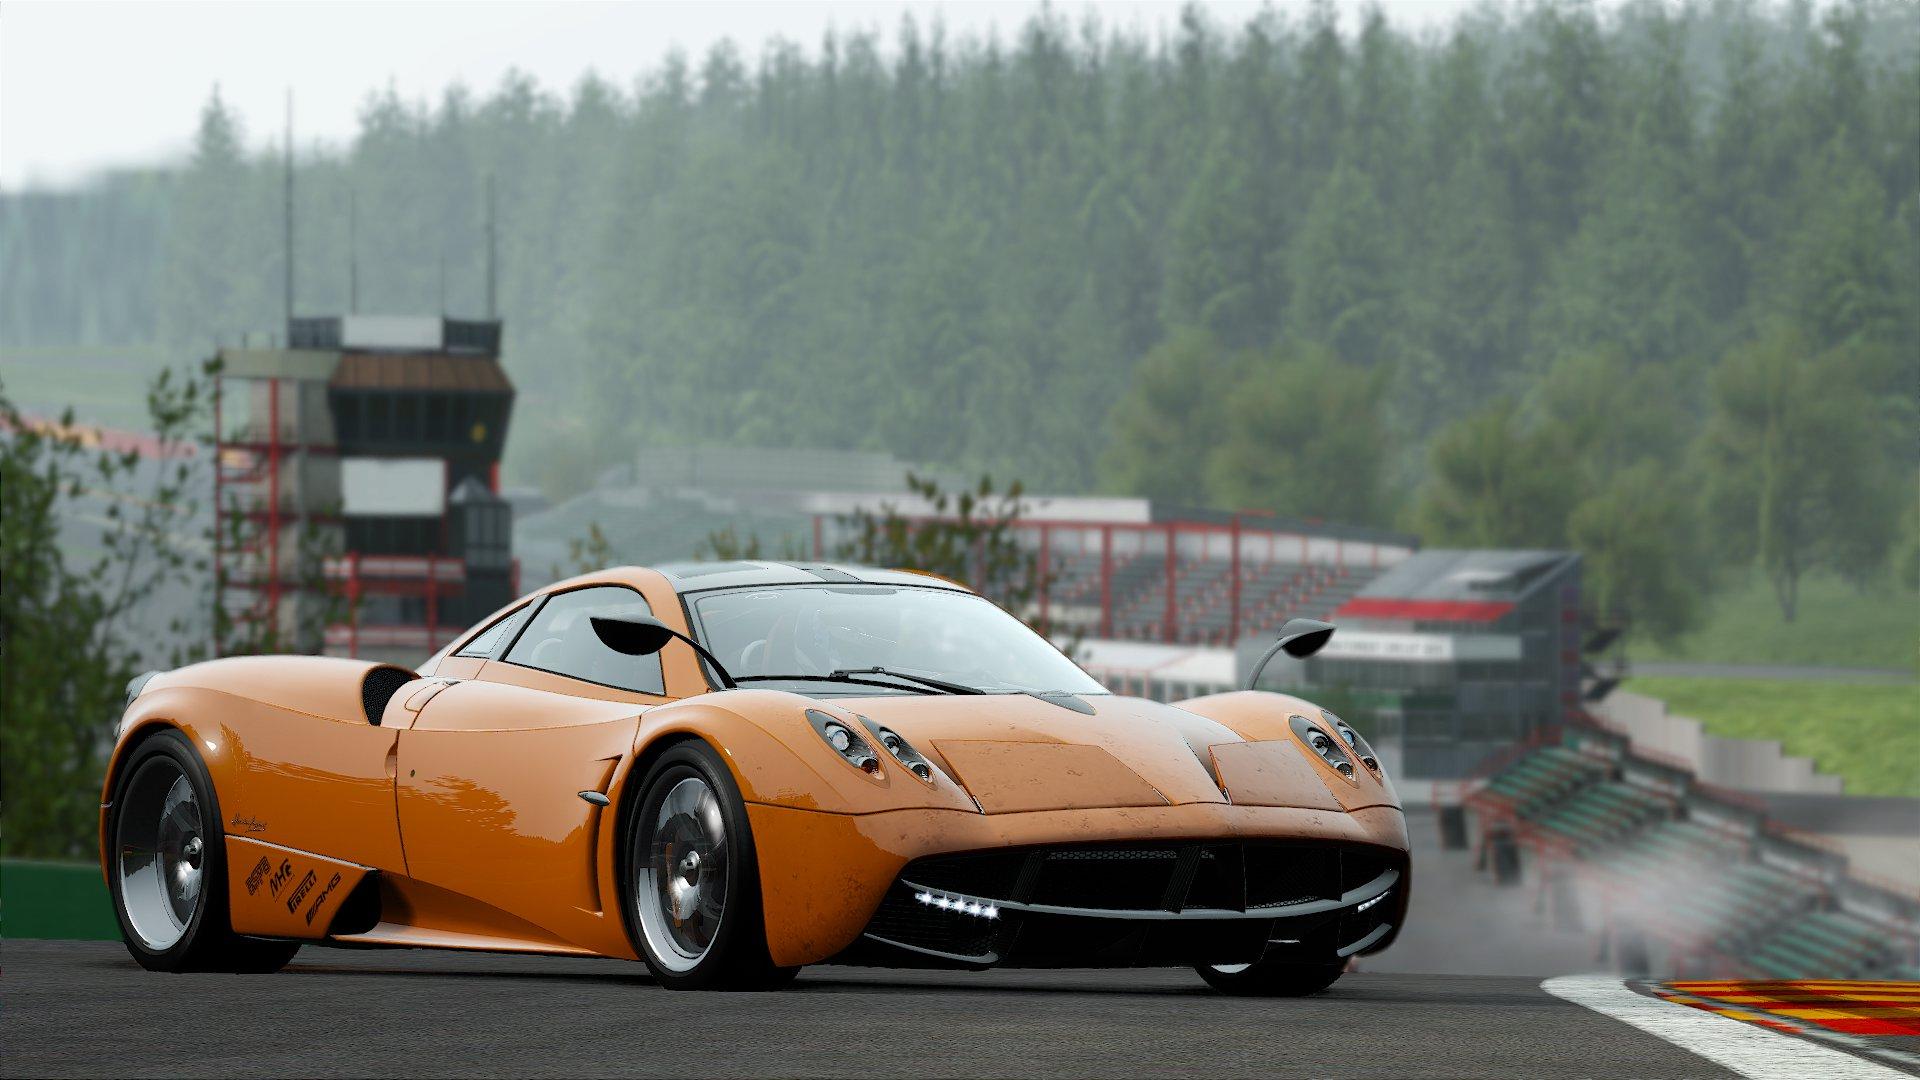 Autoturime, Motoare Sport, Formula 1, Karturi